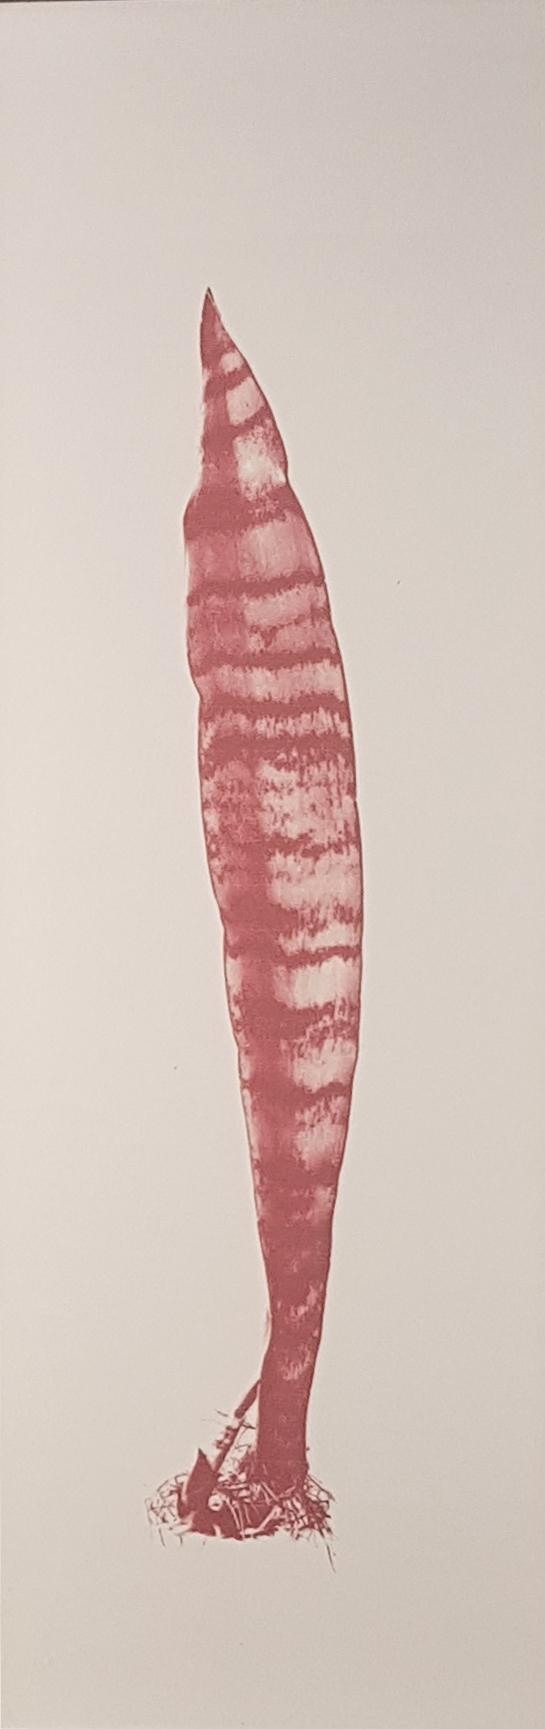 Christus Nobrega, Sudário - Espada de são Jorge, Impressão jato de tinta com tinta feita de sangue, 65 x 30 cm, 2013/14